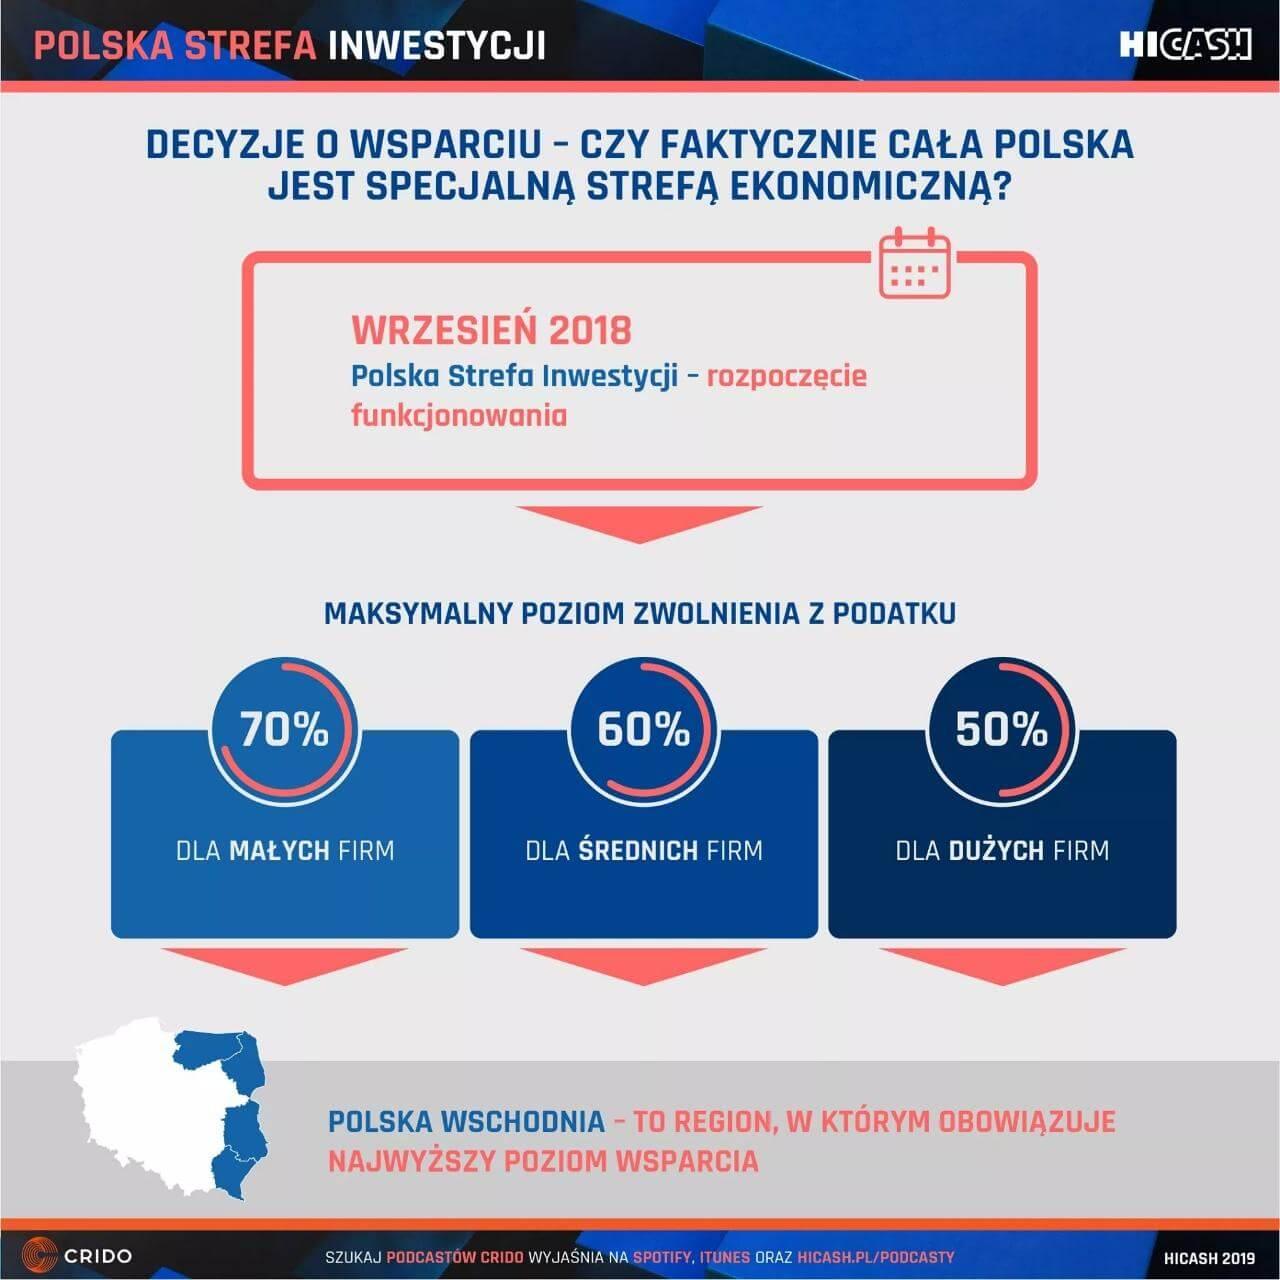 Polska Strefa Inwestycji - czy faktycznie cała Polska jest specjalną strefą ekonomiczną?